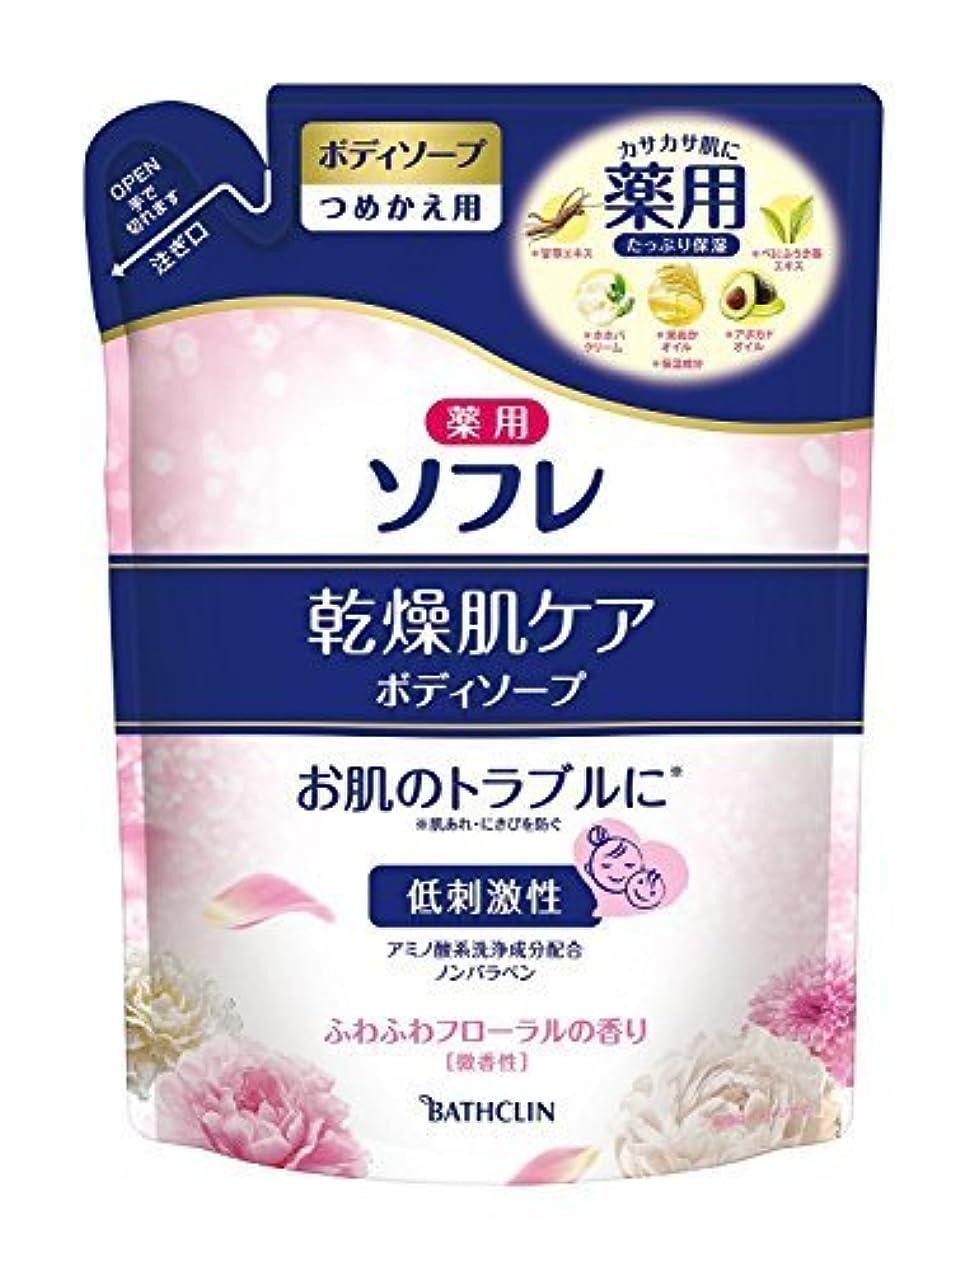 一握り常識抑制薬用ソフレ 乾燥肌ケアボディ詰替 × 3個セット